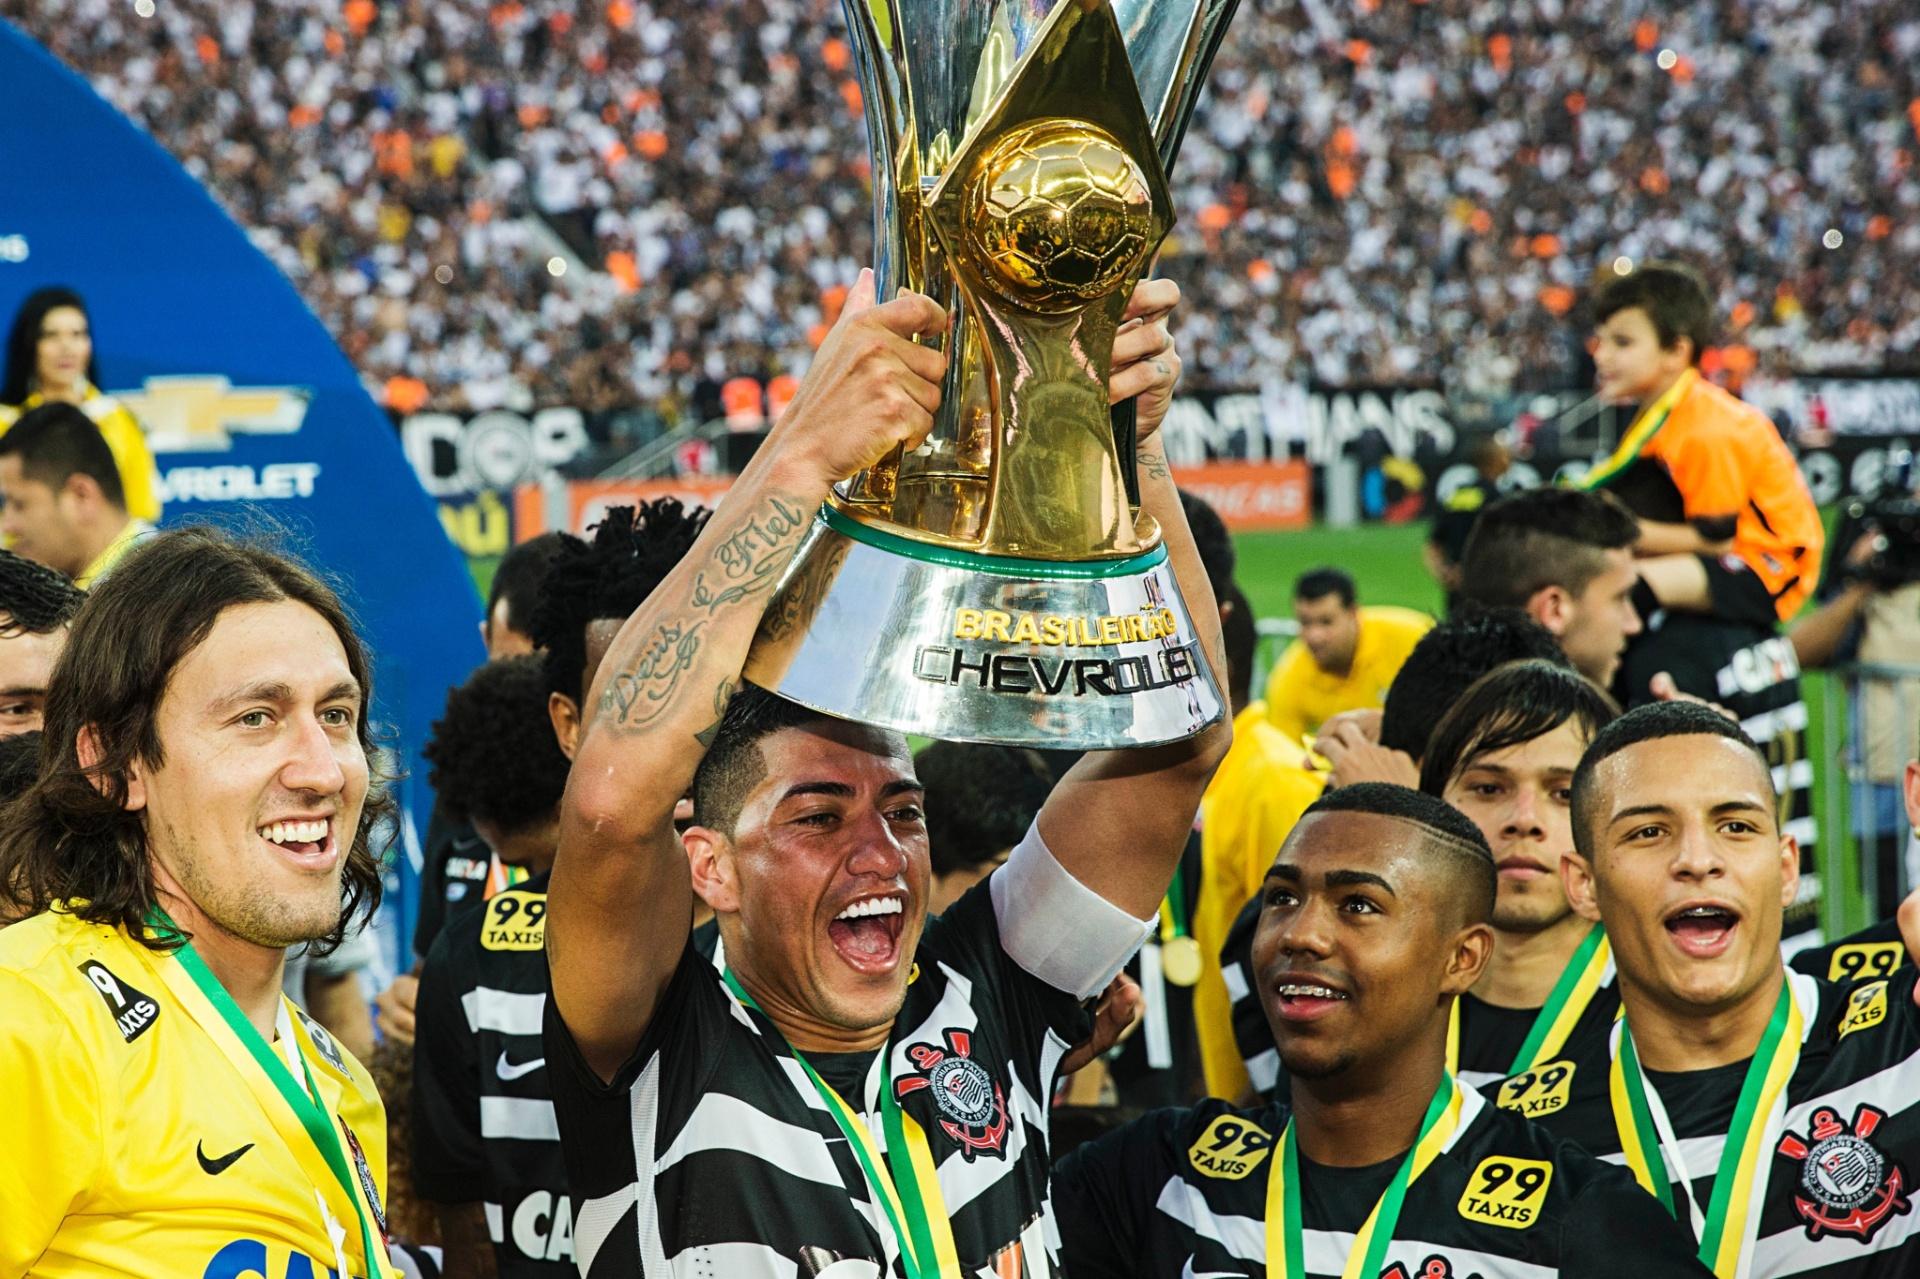 5f160359cf 10+  Provocações entre rivais e presidente levantando a taça marcam rodada  - 23 11 2015 - UOL Esporte